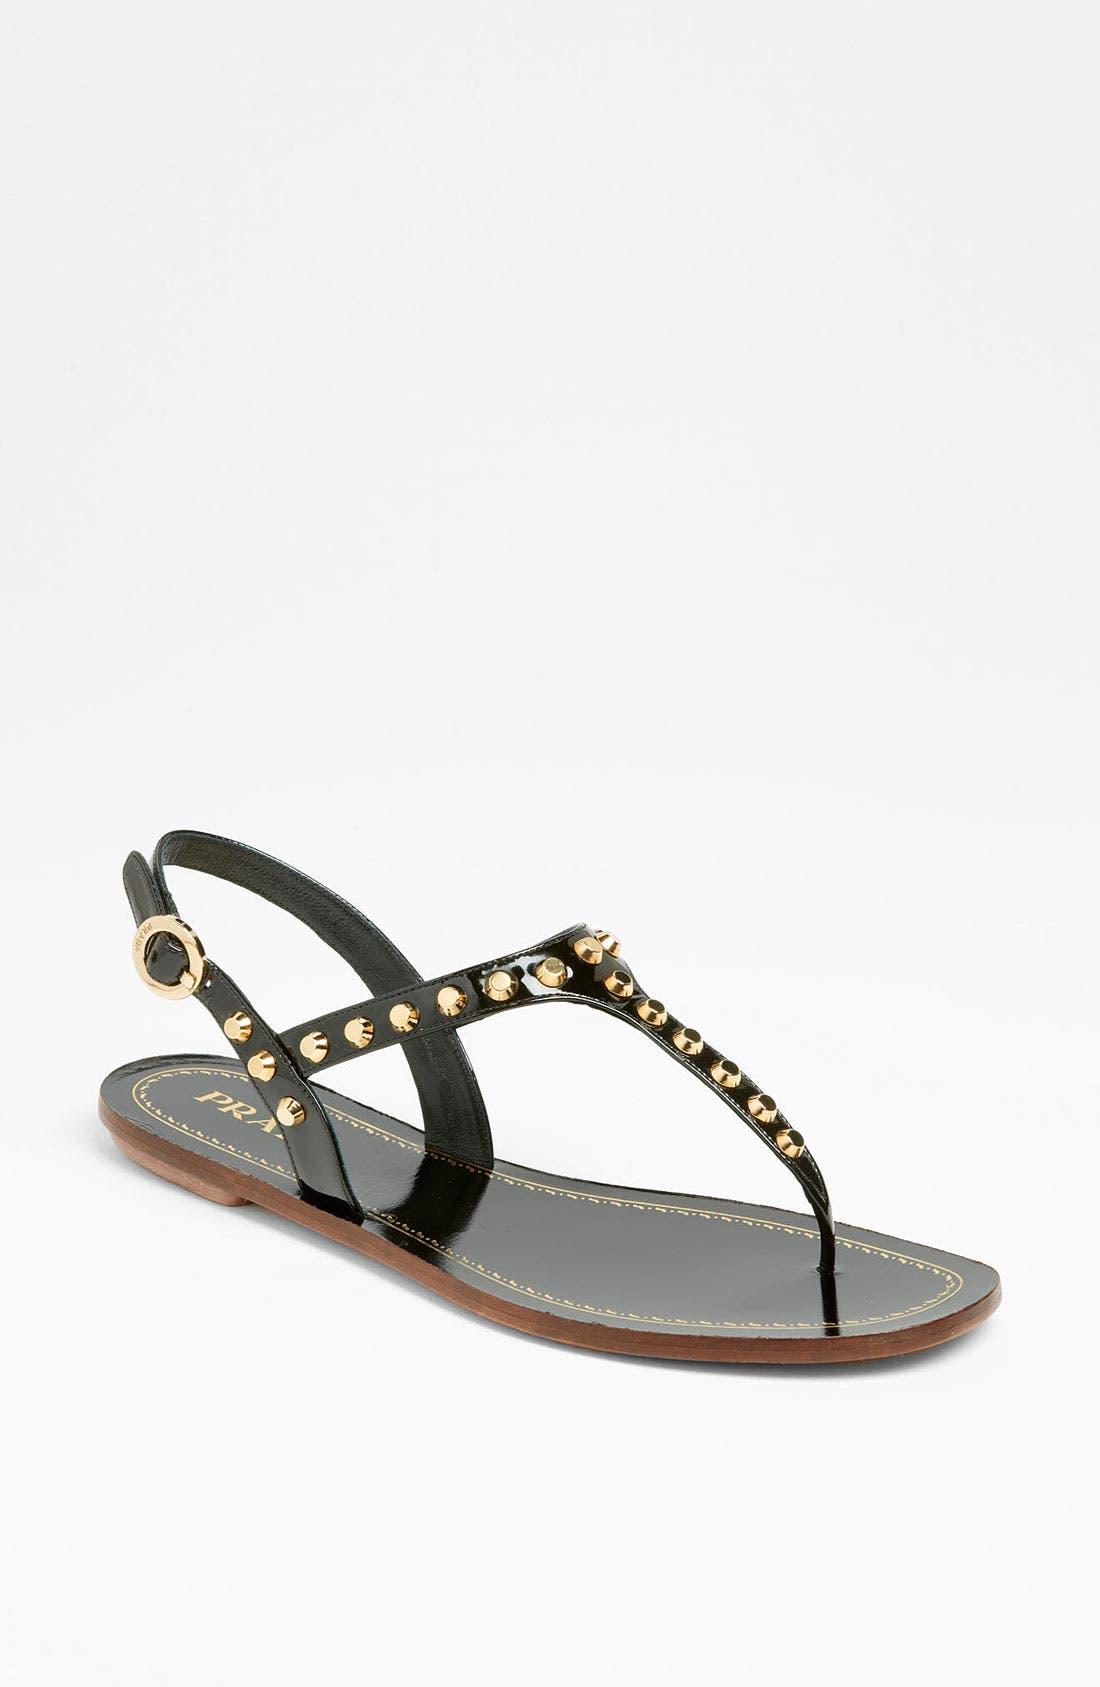 Main Image - Prada Studded Thong Sandal